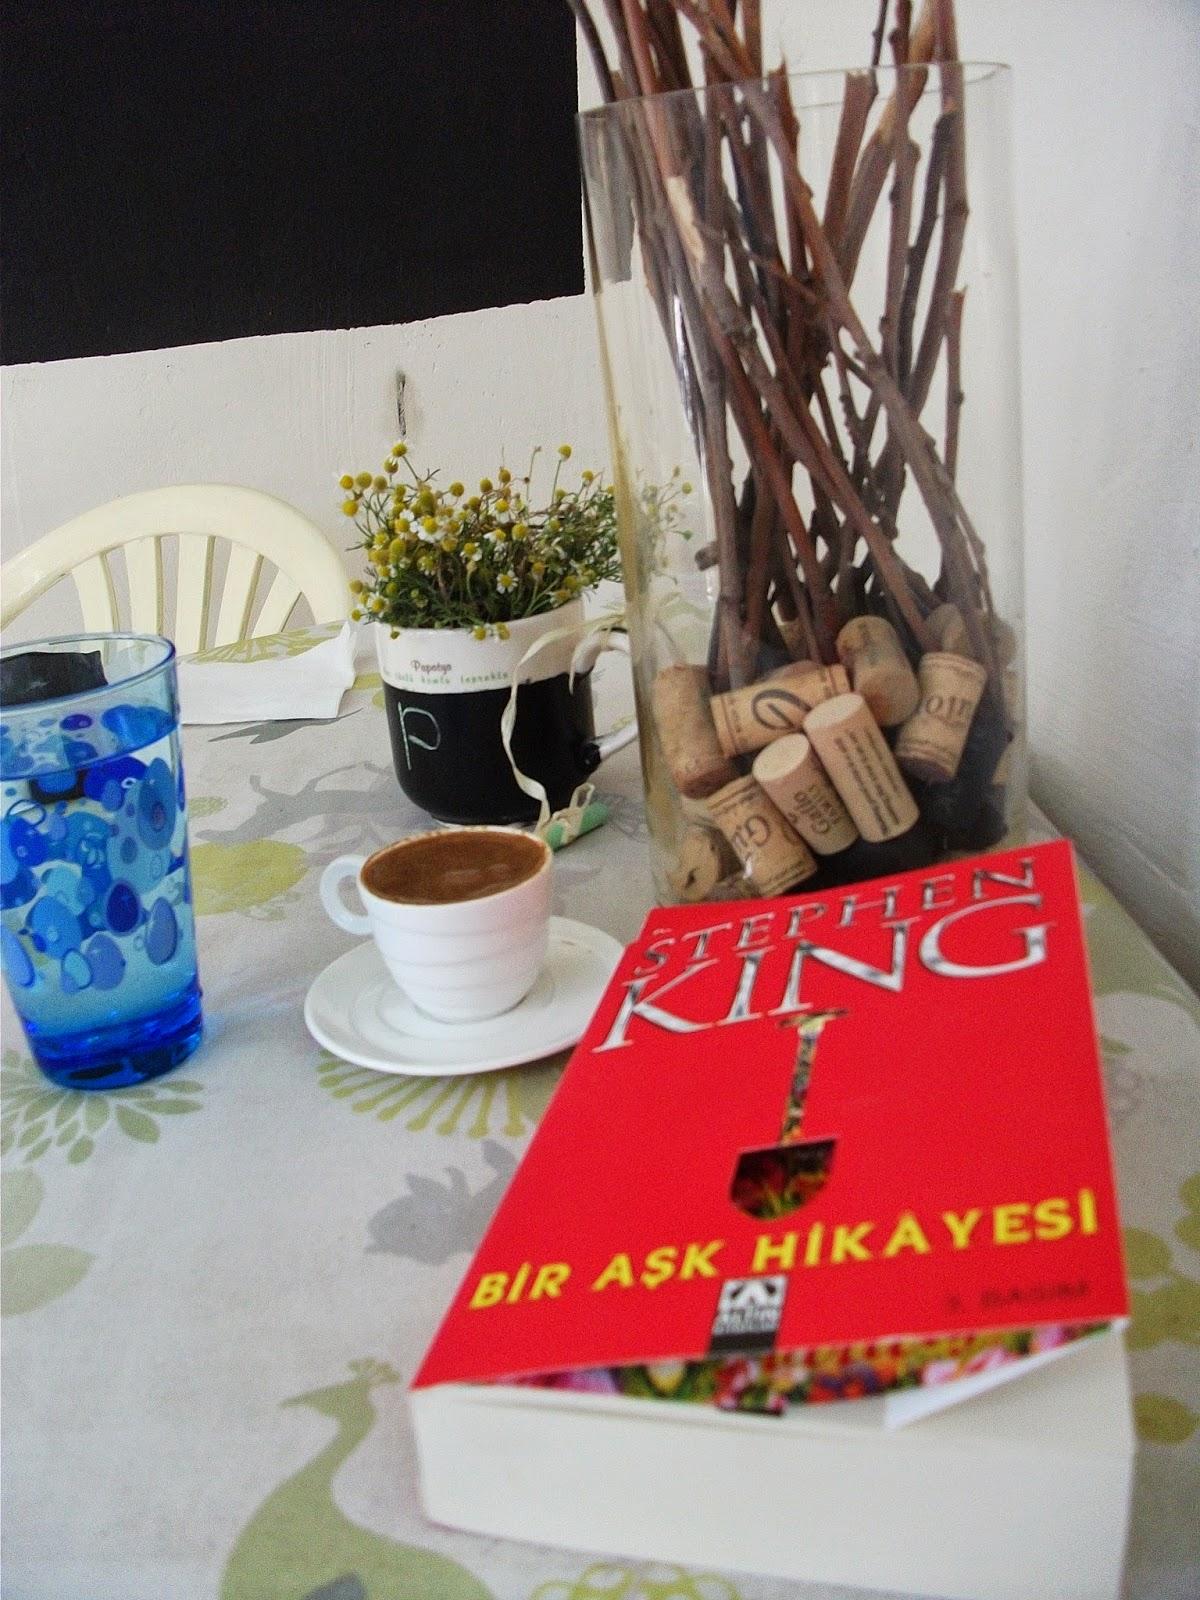 stephen king, bir aşk hikayesi,